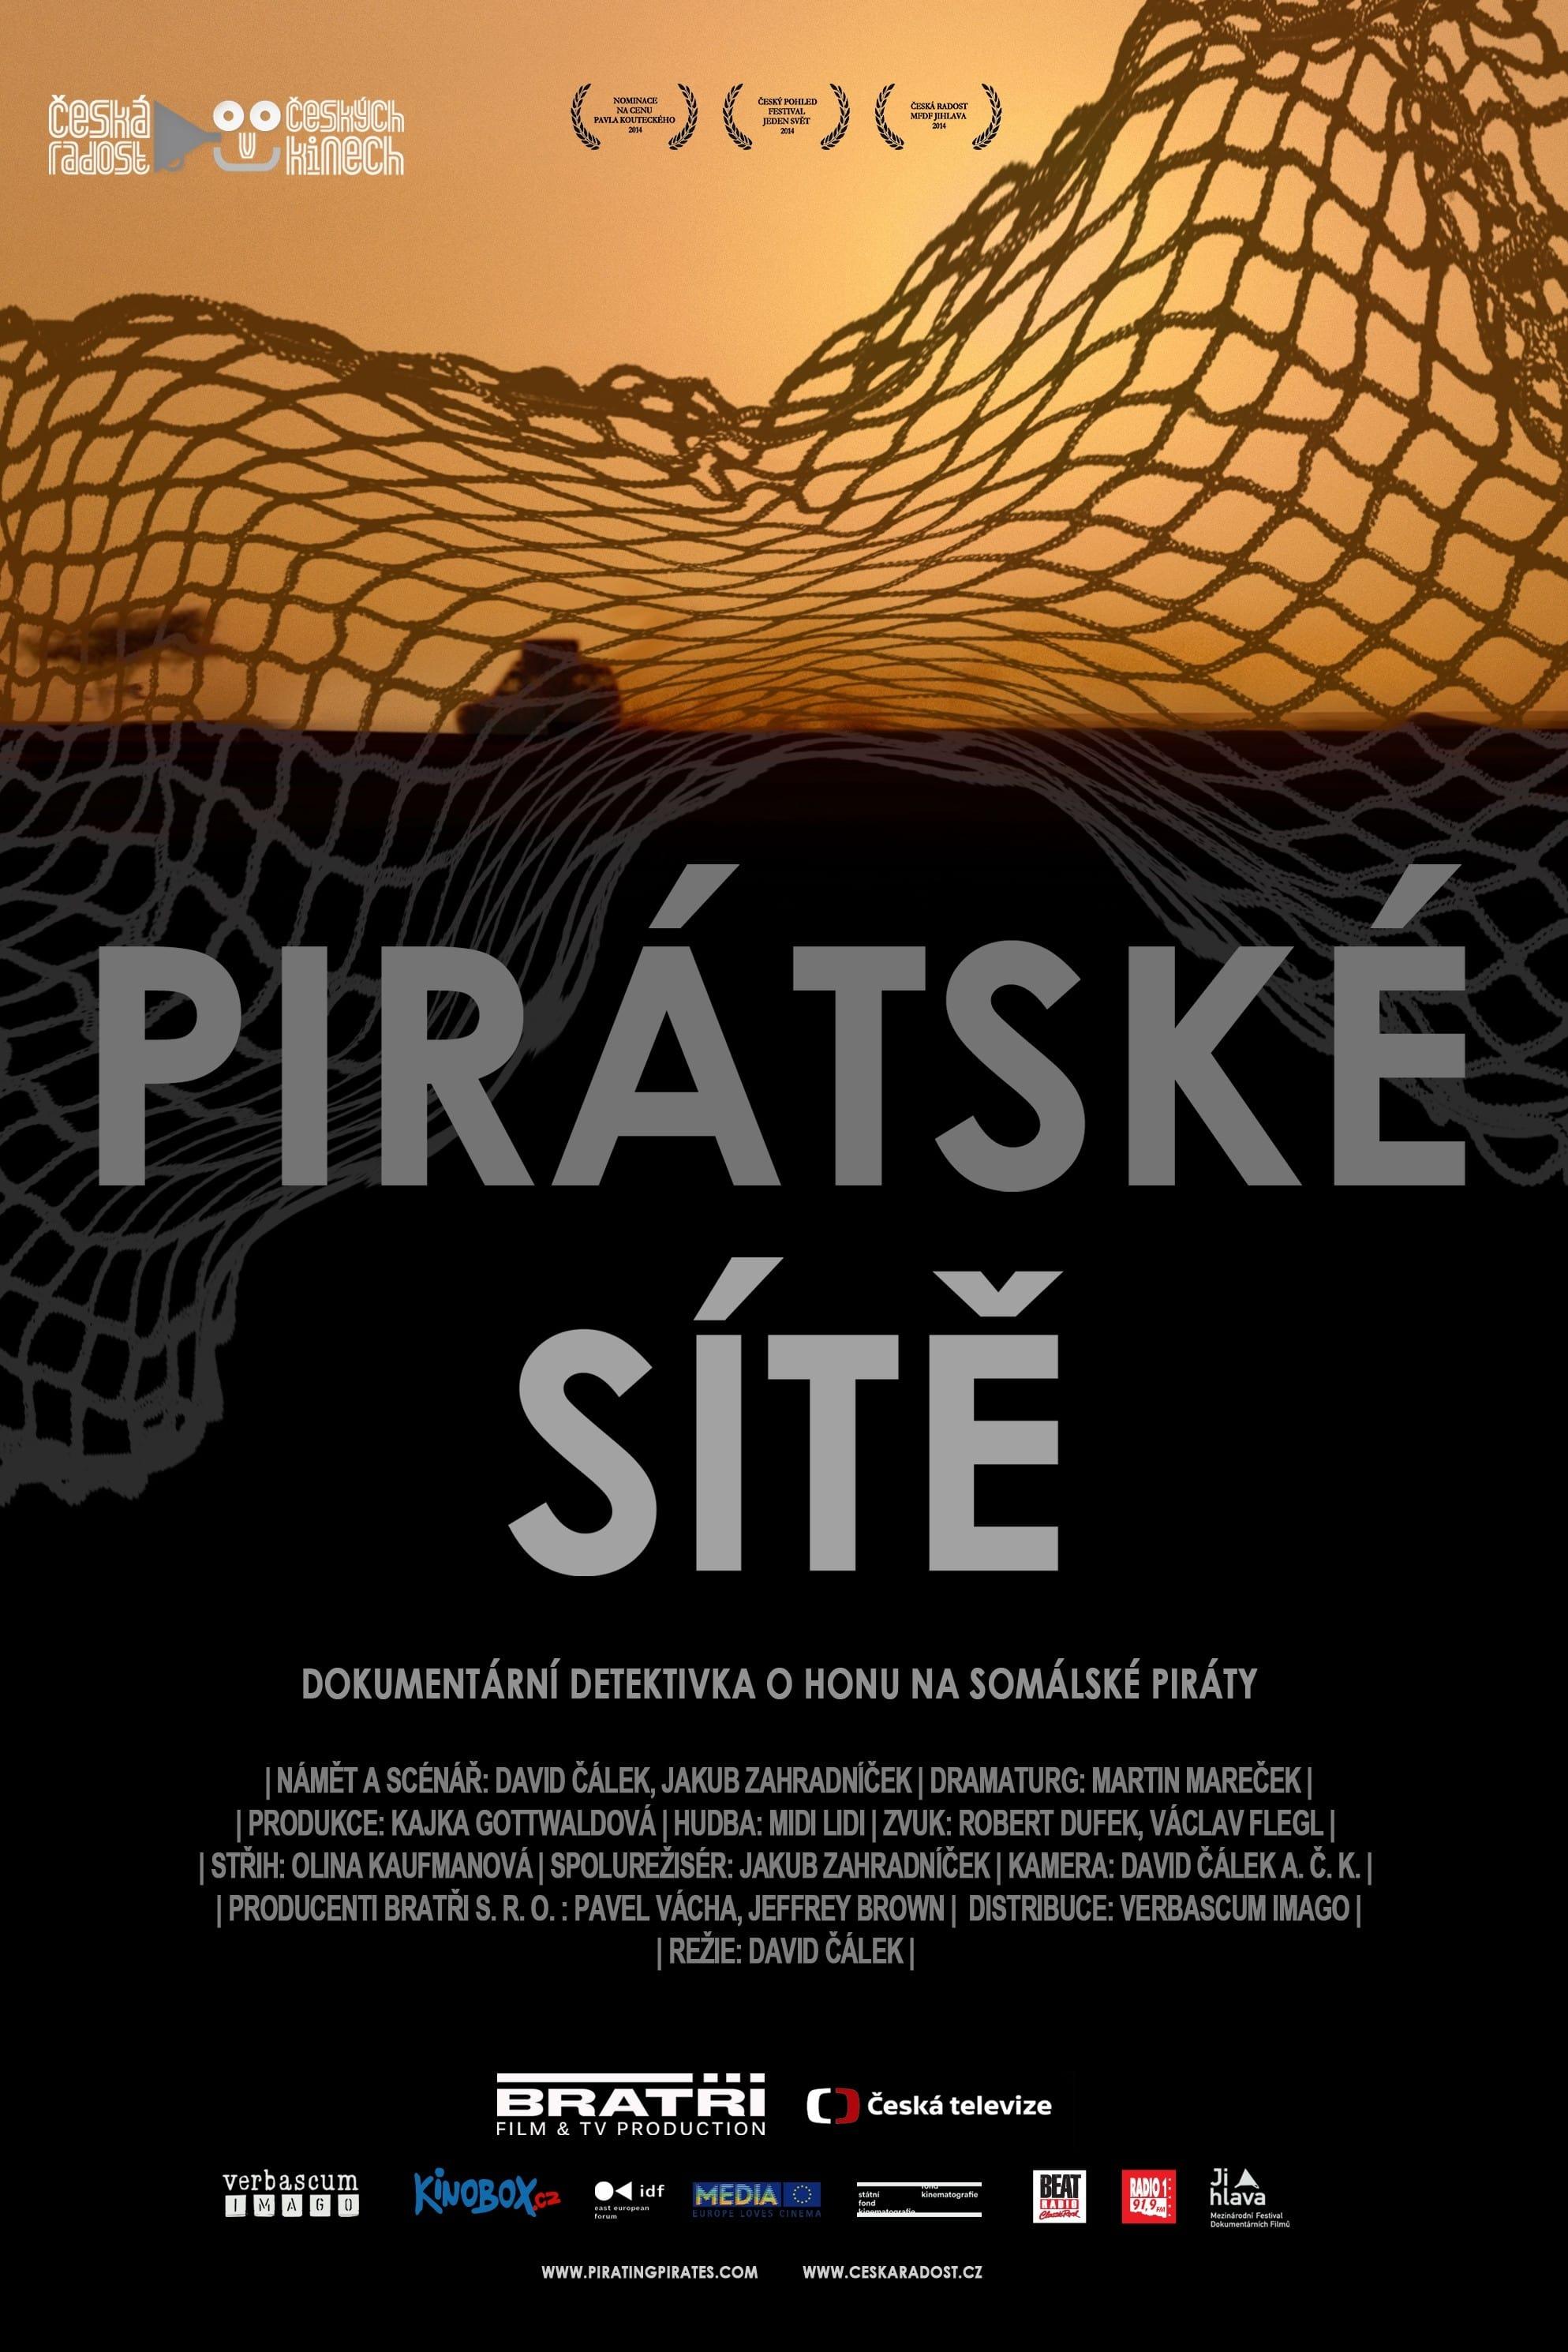 Pirating pirates